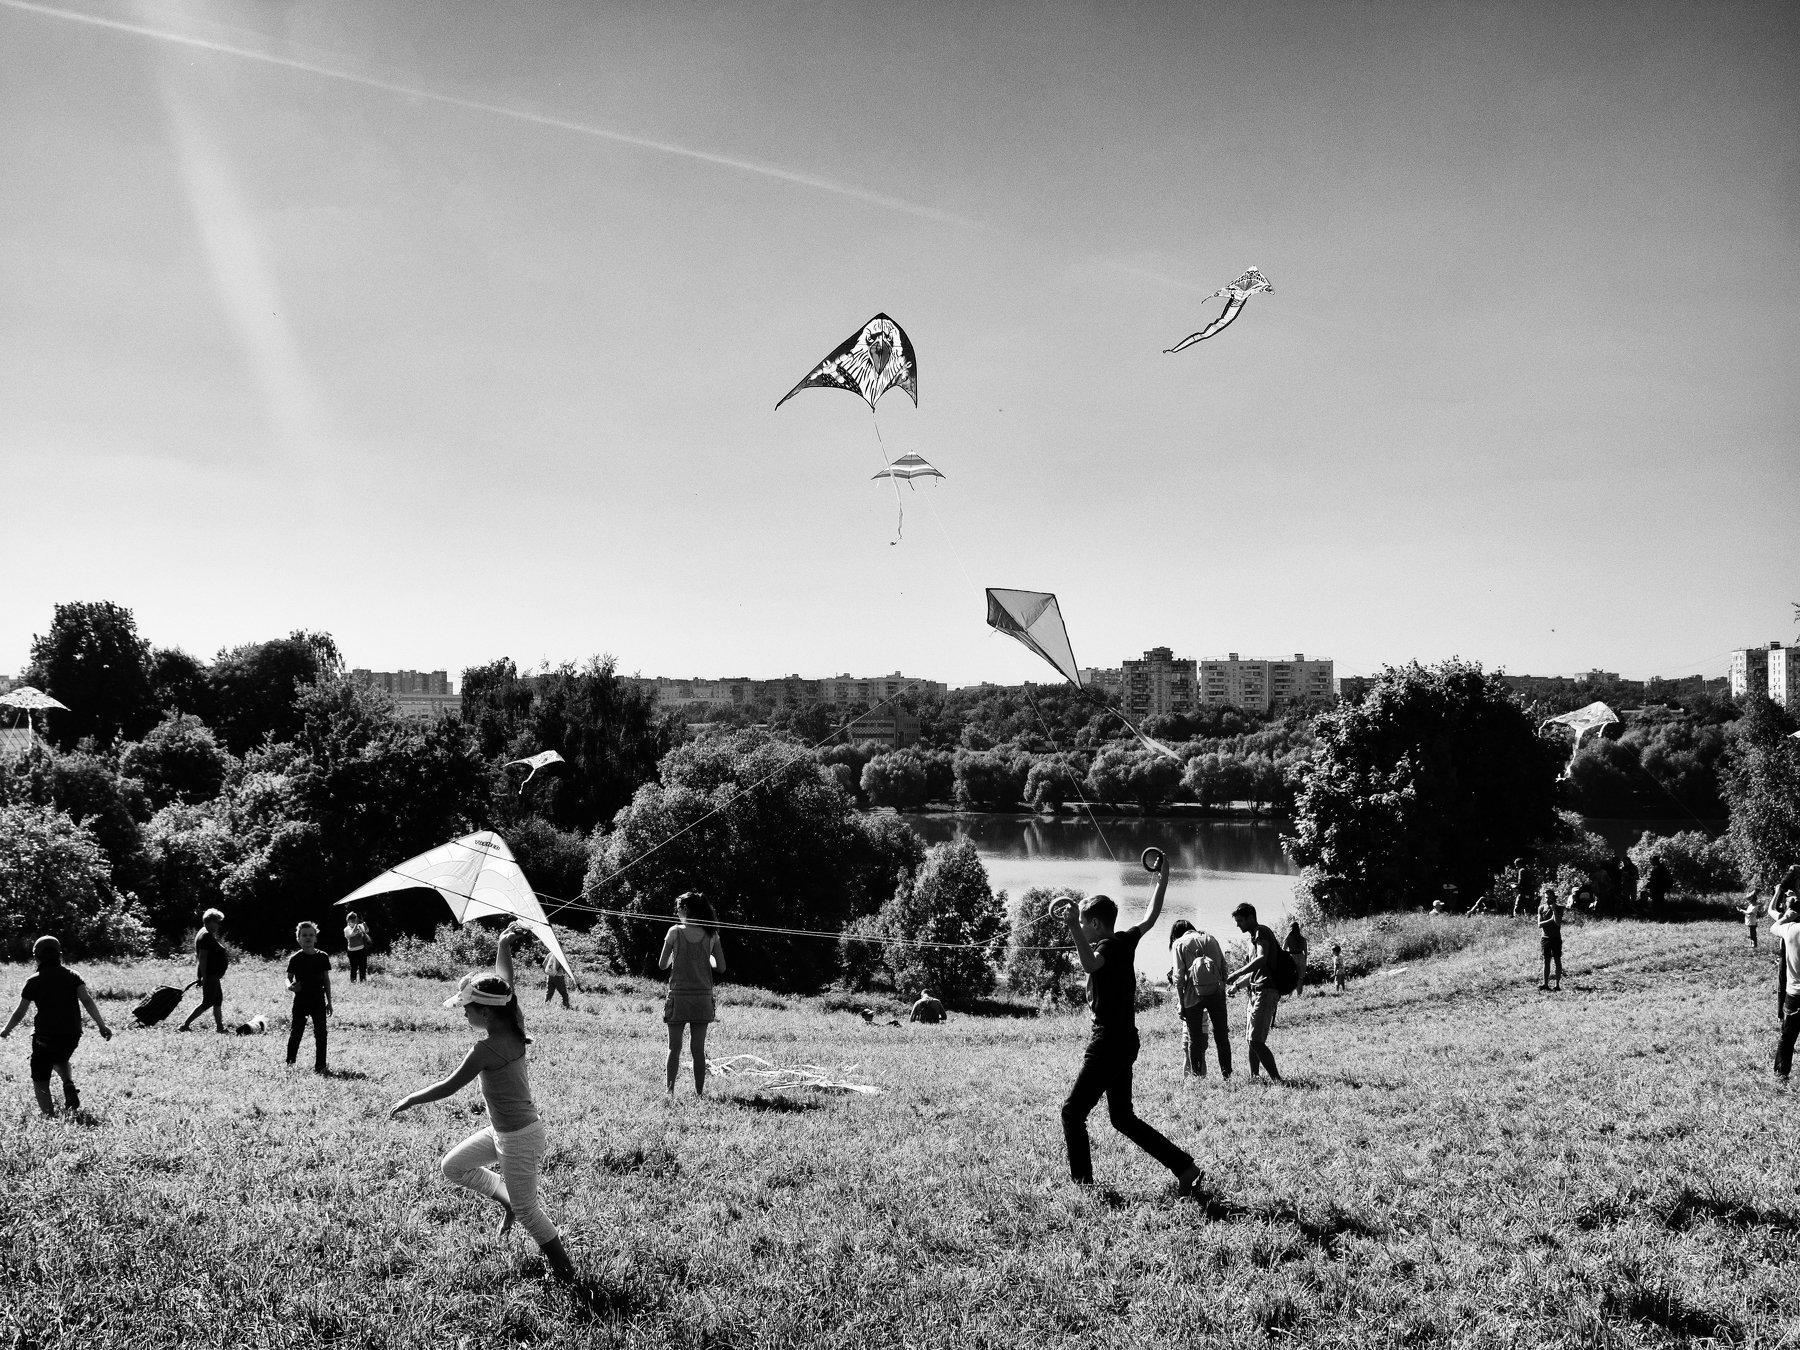 Moscow, Russia, Black and white, Monochrome, Kite, Pond, Summer, Children, Elena Beregatnova